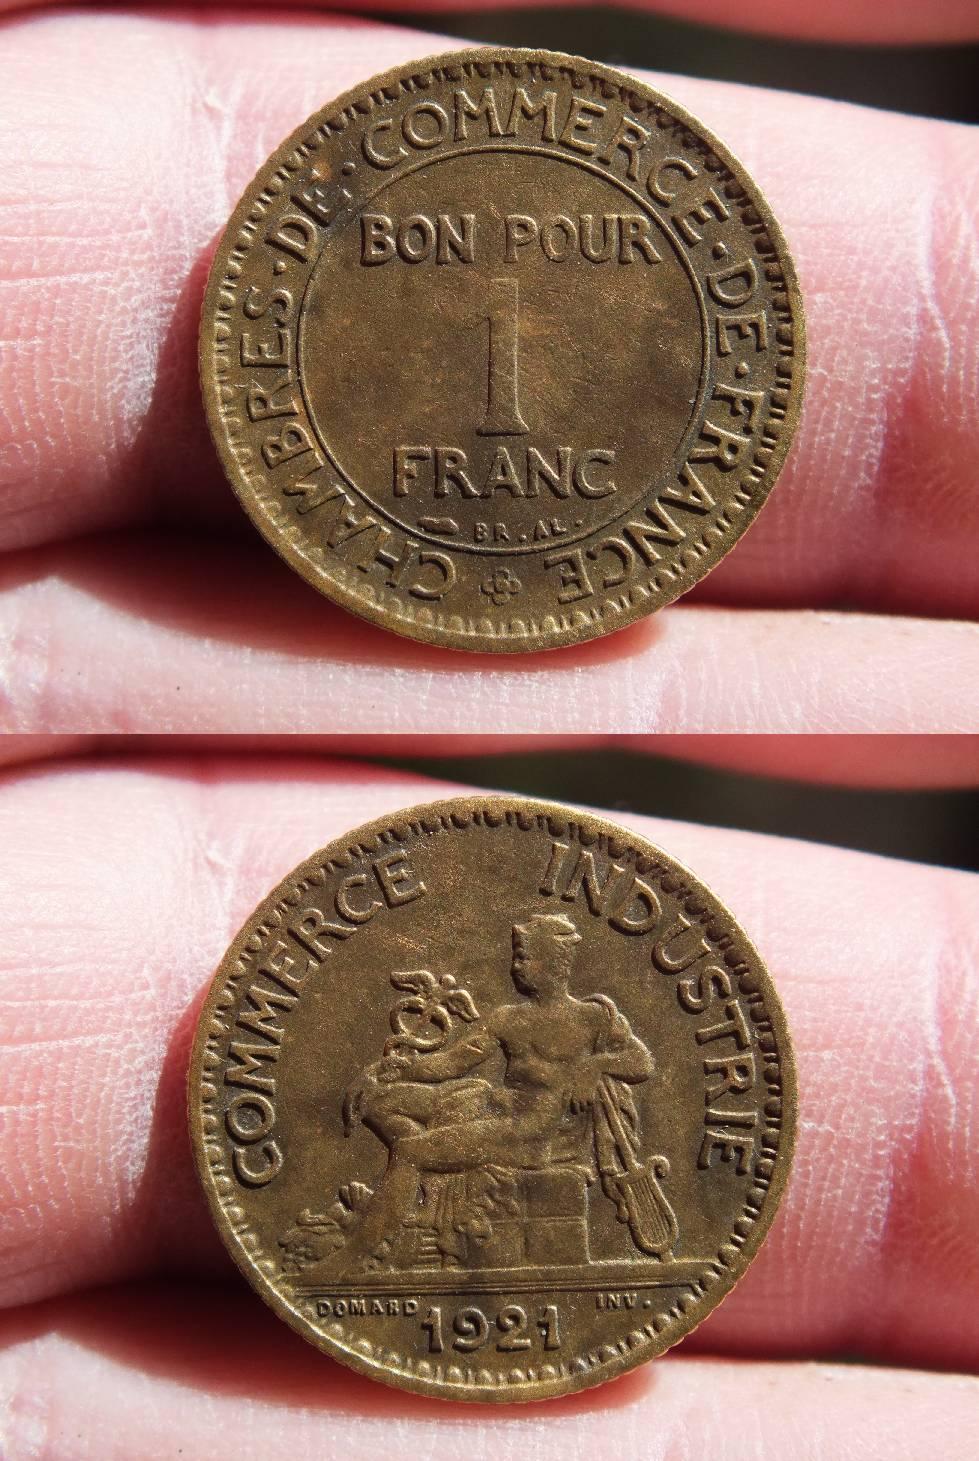 Chambre de commerce bon pour 1 franc 1921 for Bon pour 1 franc chambre de commerce